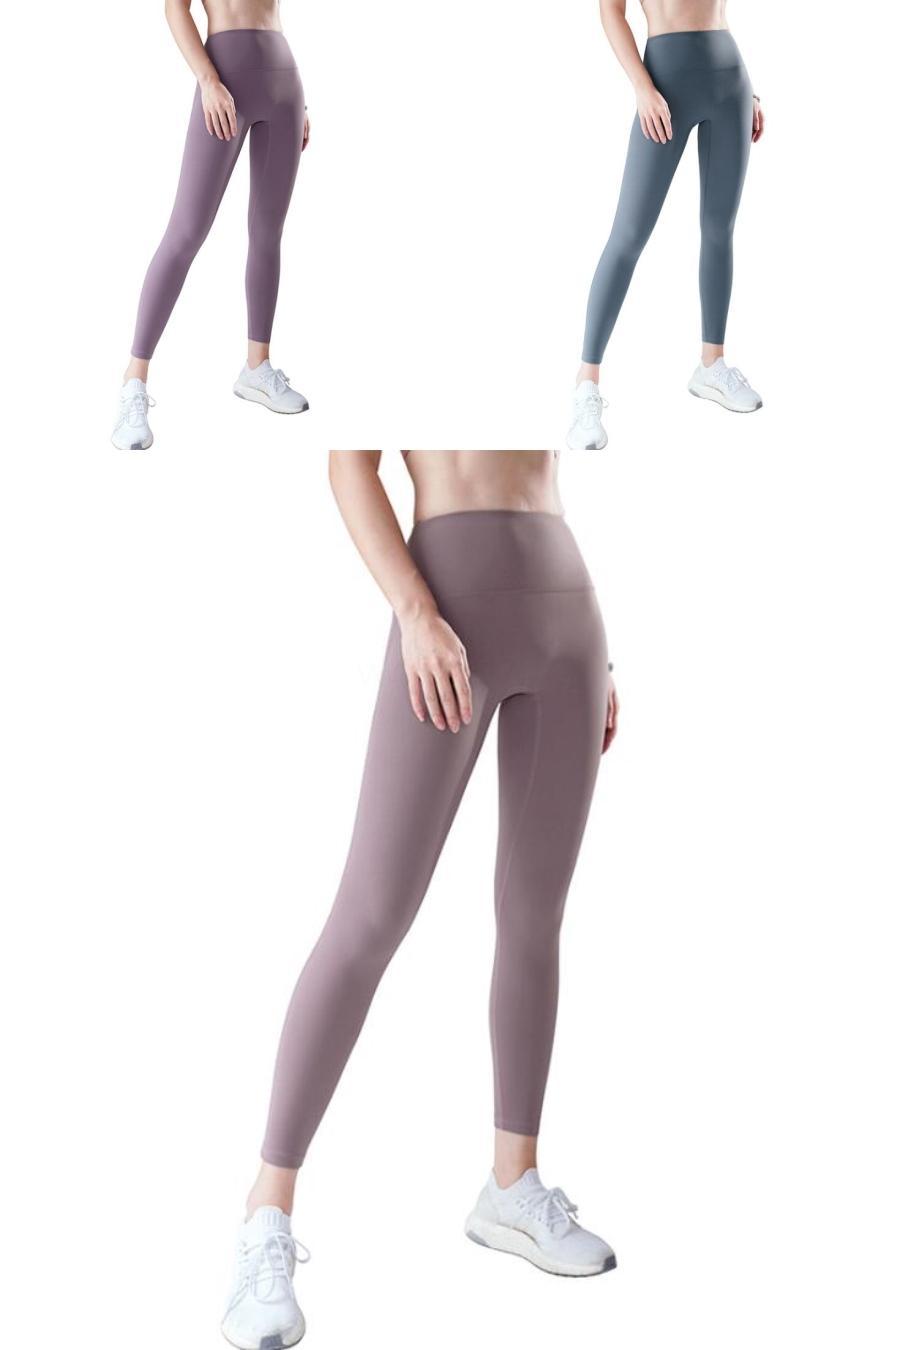 6 Cavity électrique de compression d'air jambe Masr taille Bras Pied Mas Hine douleur Relax Promouvoir la circulation sanguine # 226